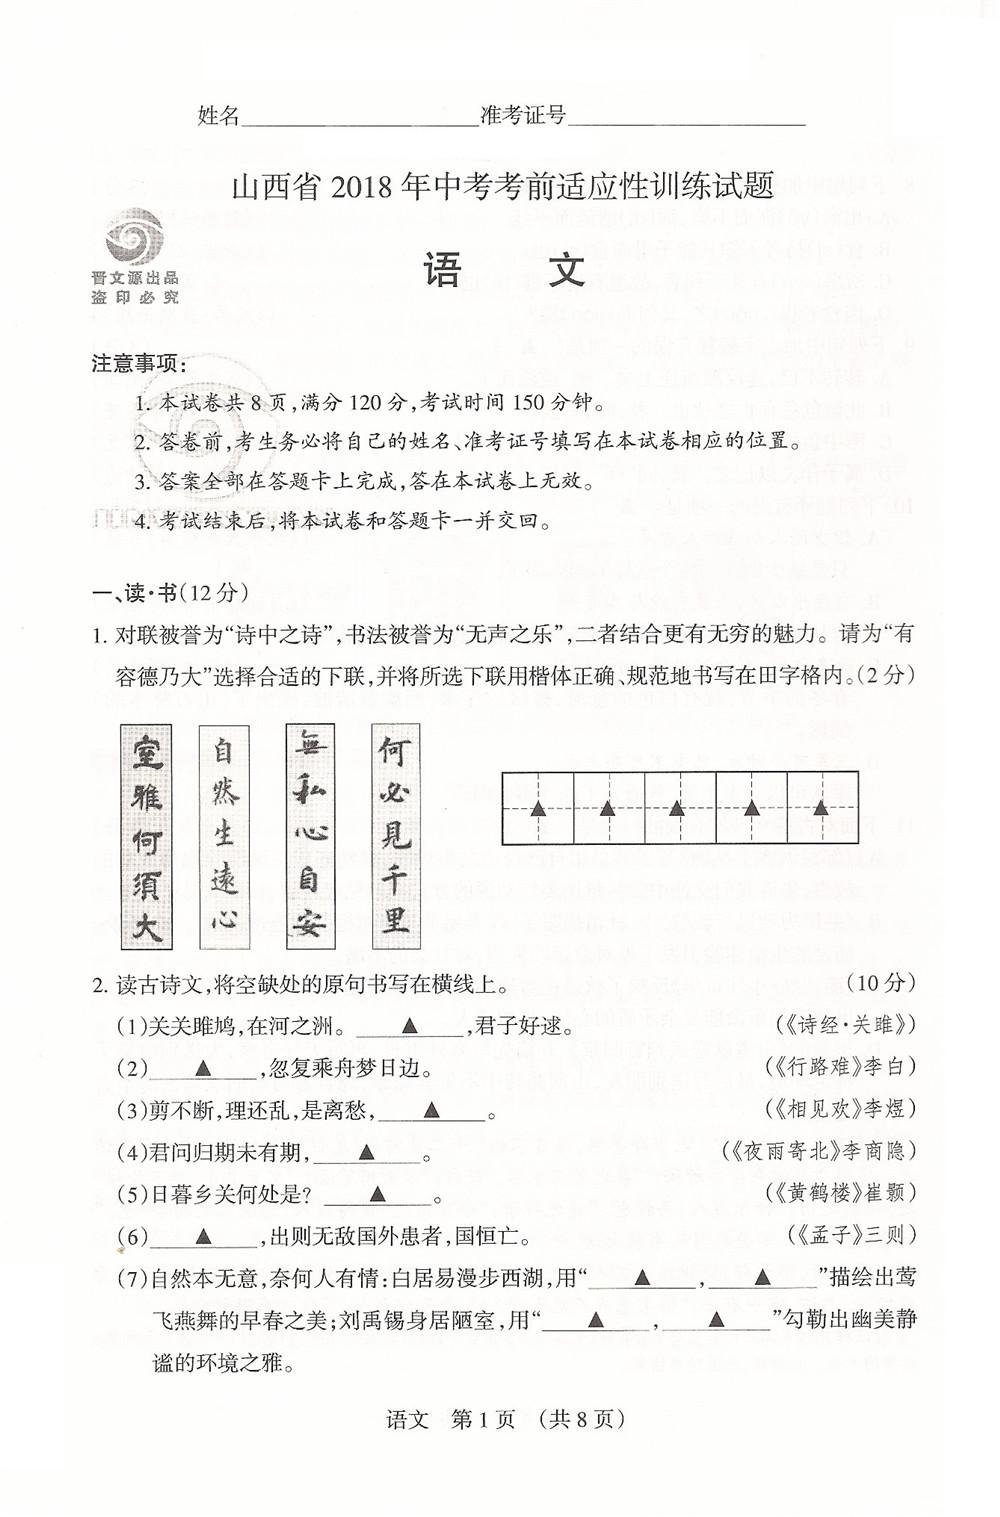 2018山西省中考适应性训练语文试题及答案解析(图片版)